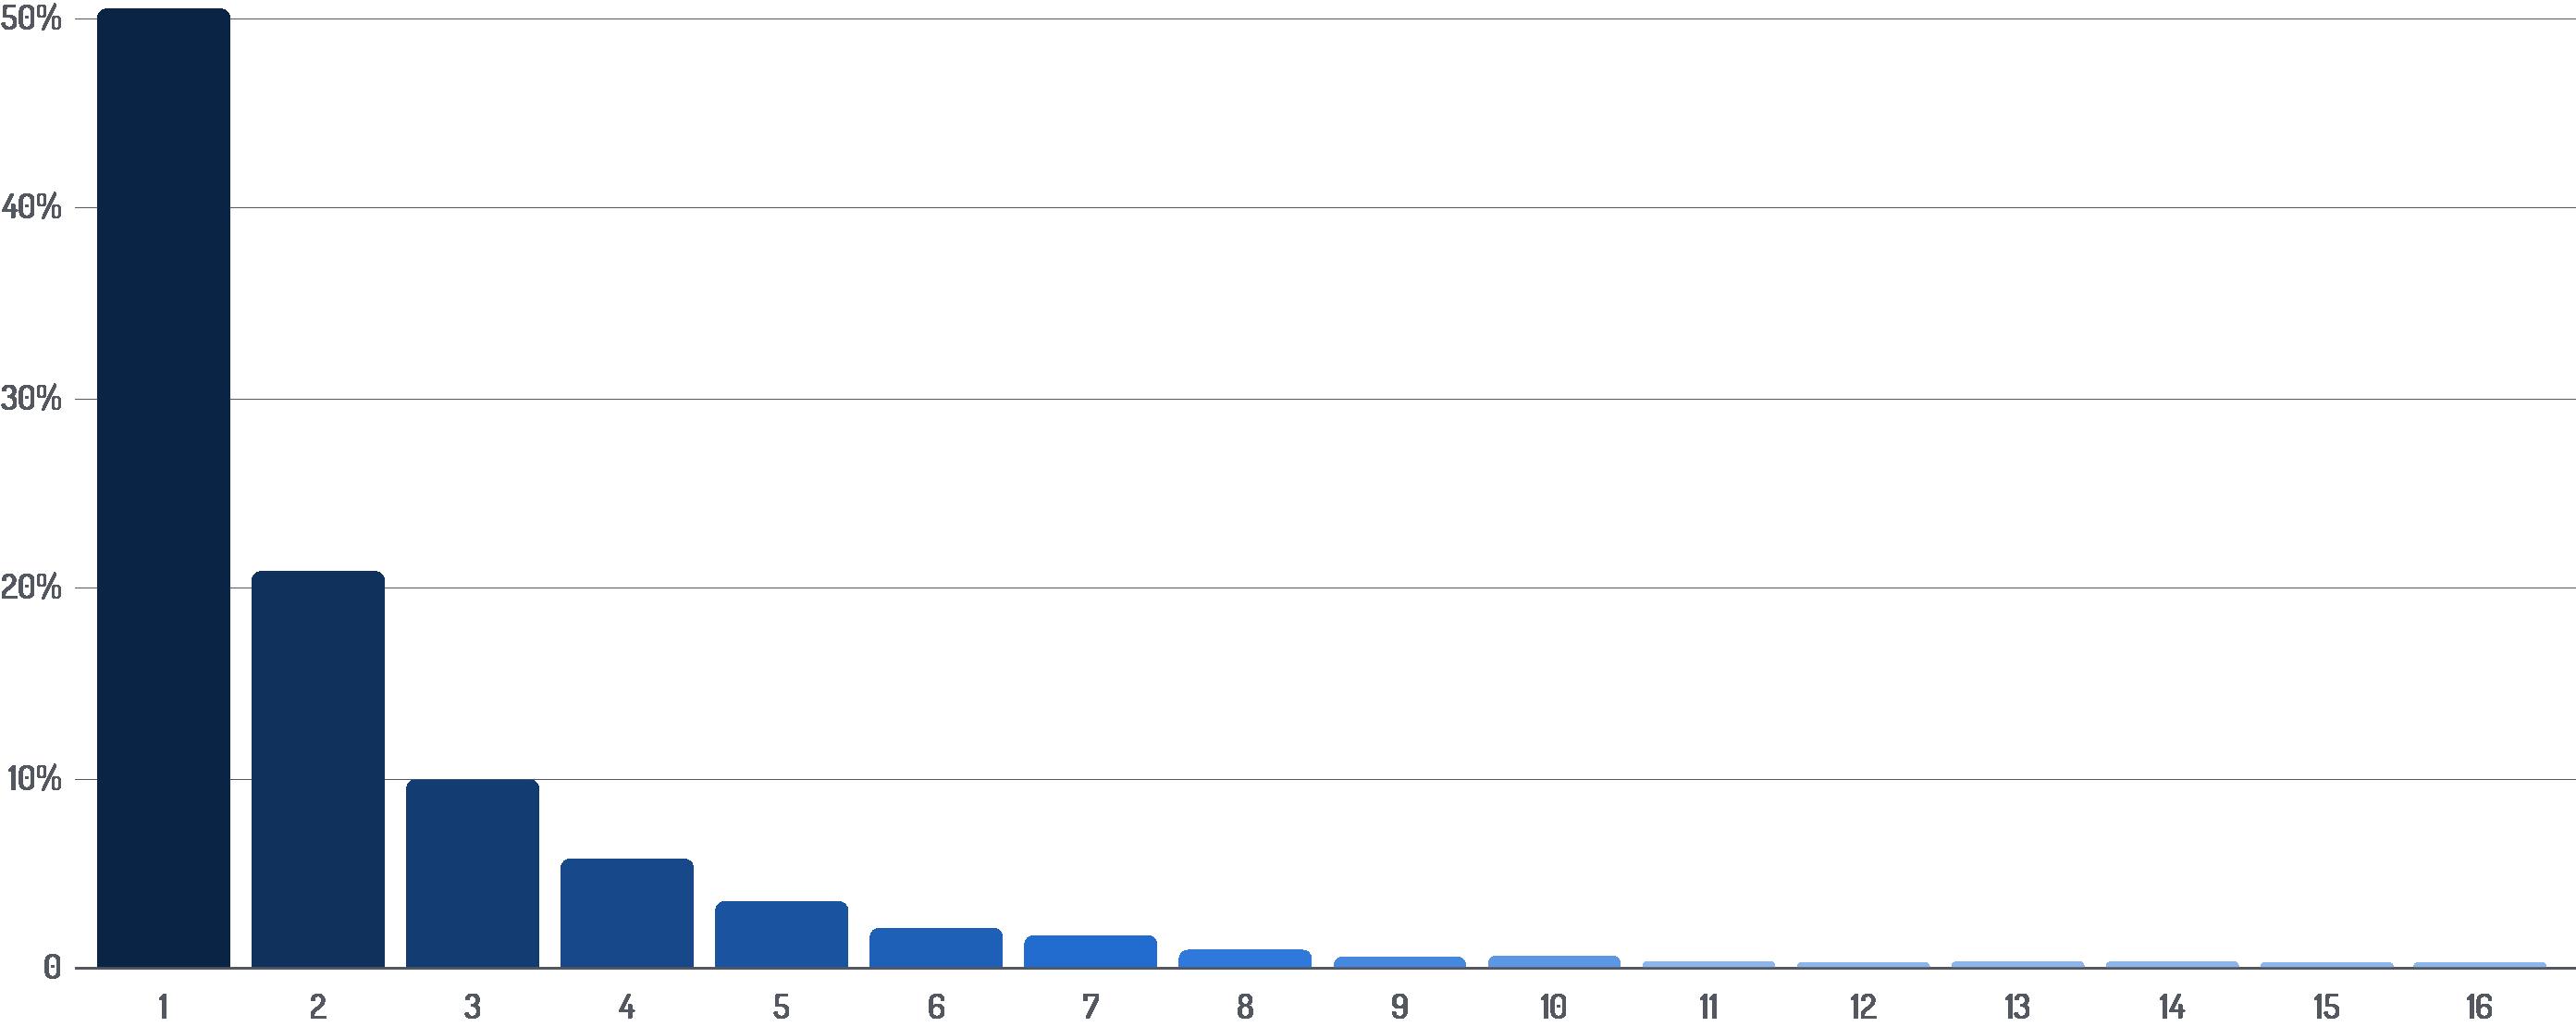 Jaki % firm publikuje daną liczbę ofert jednocześnie - wykres